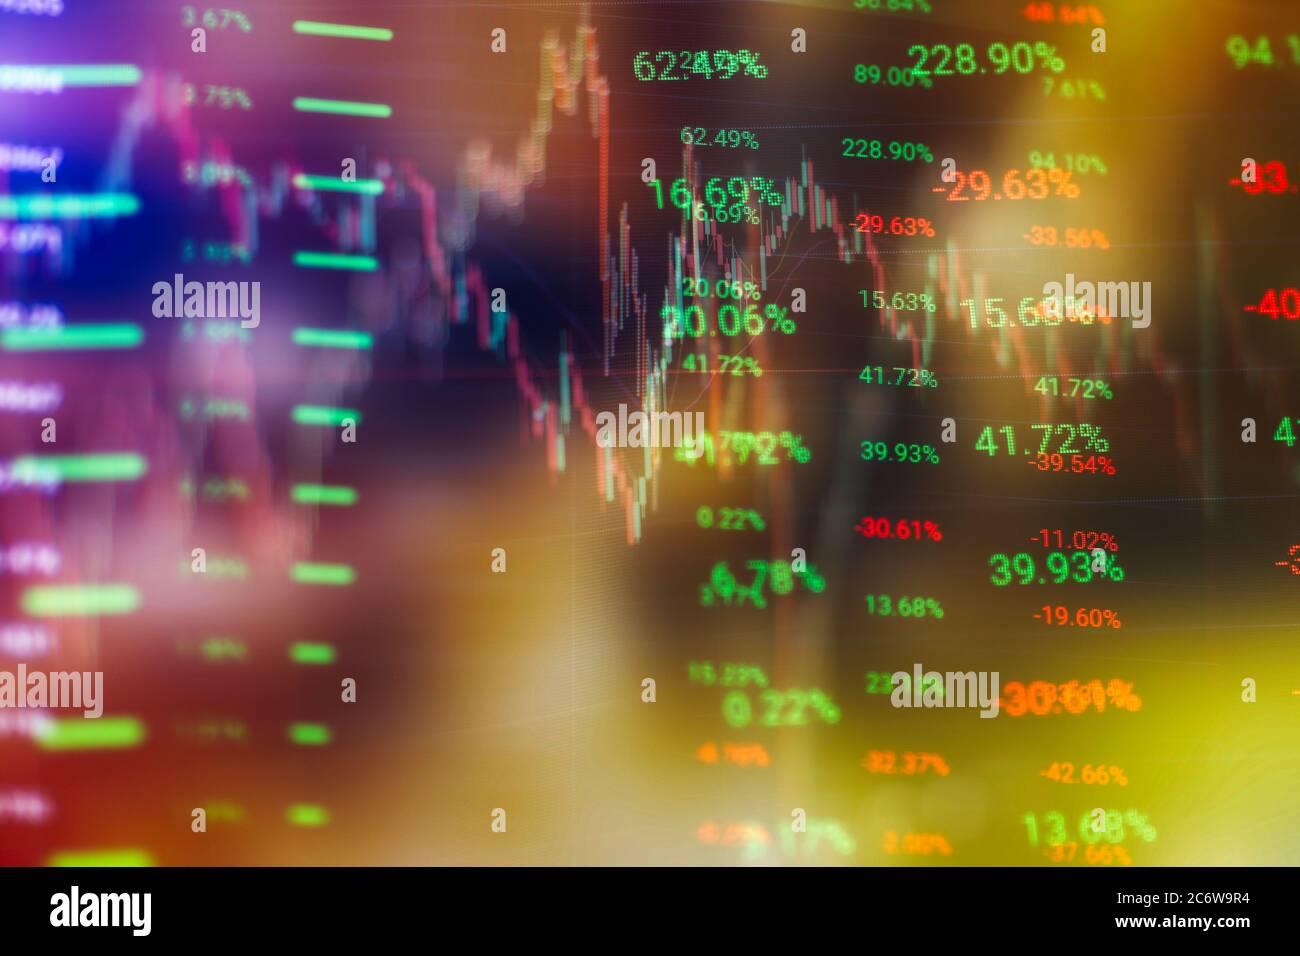 Konzept der Börse und Fintech. Unscharfe blaue Digitalkarten auf dunkelblauem Hintergrund. Futuristische Finanzschnittstelle. Stockfoto